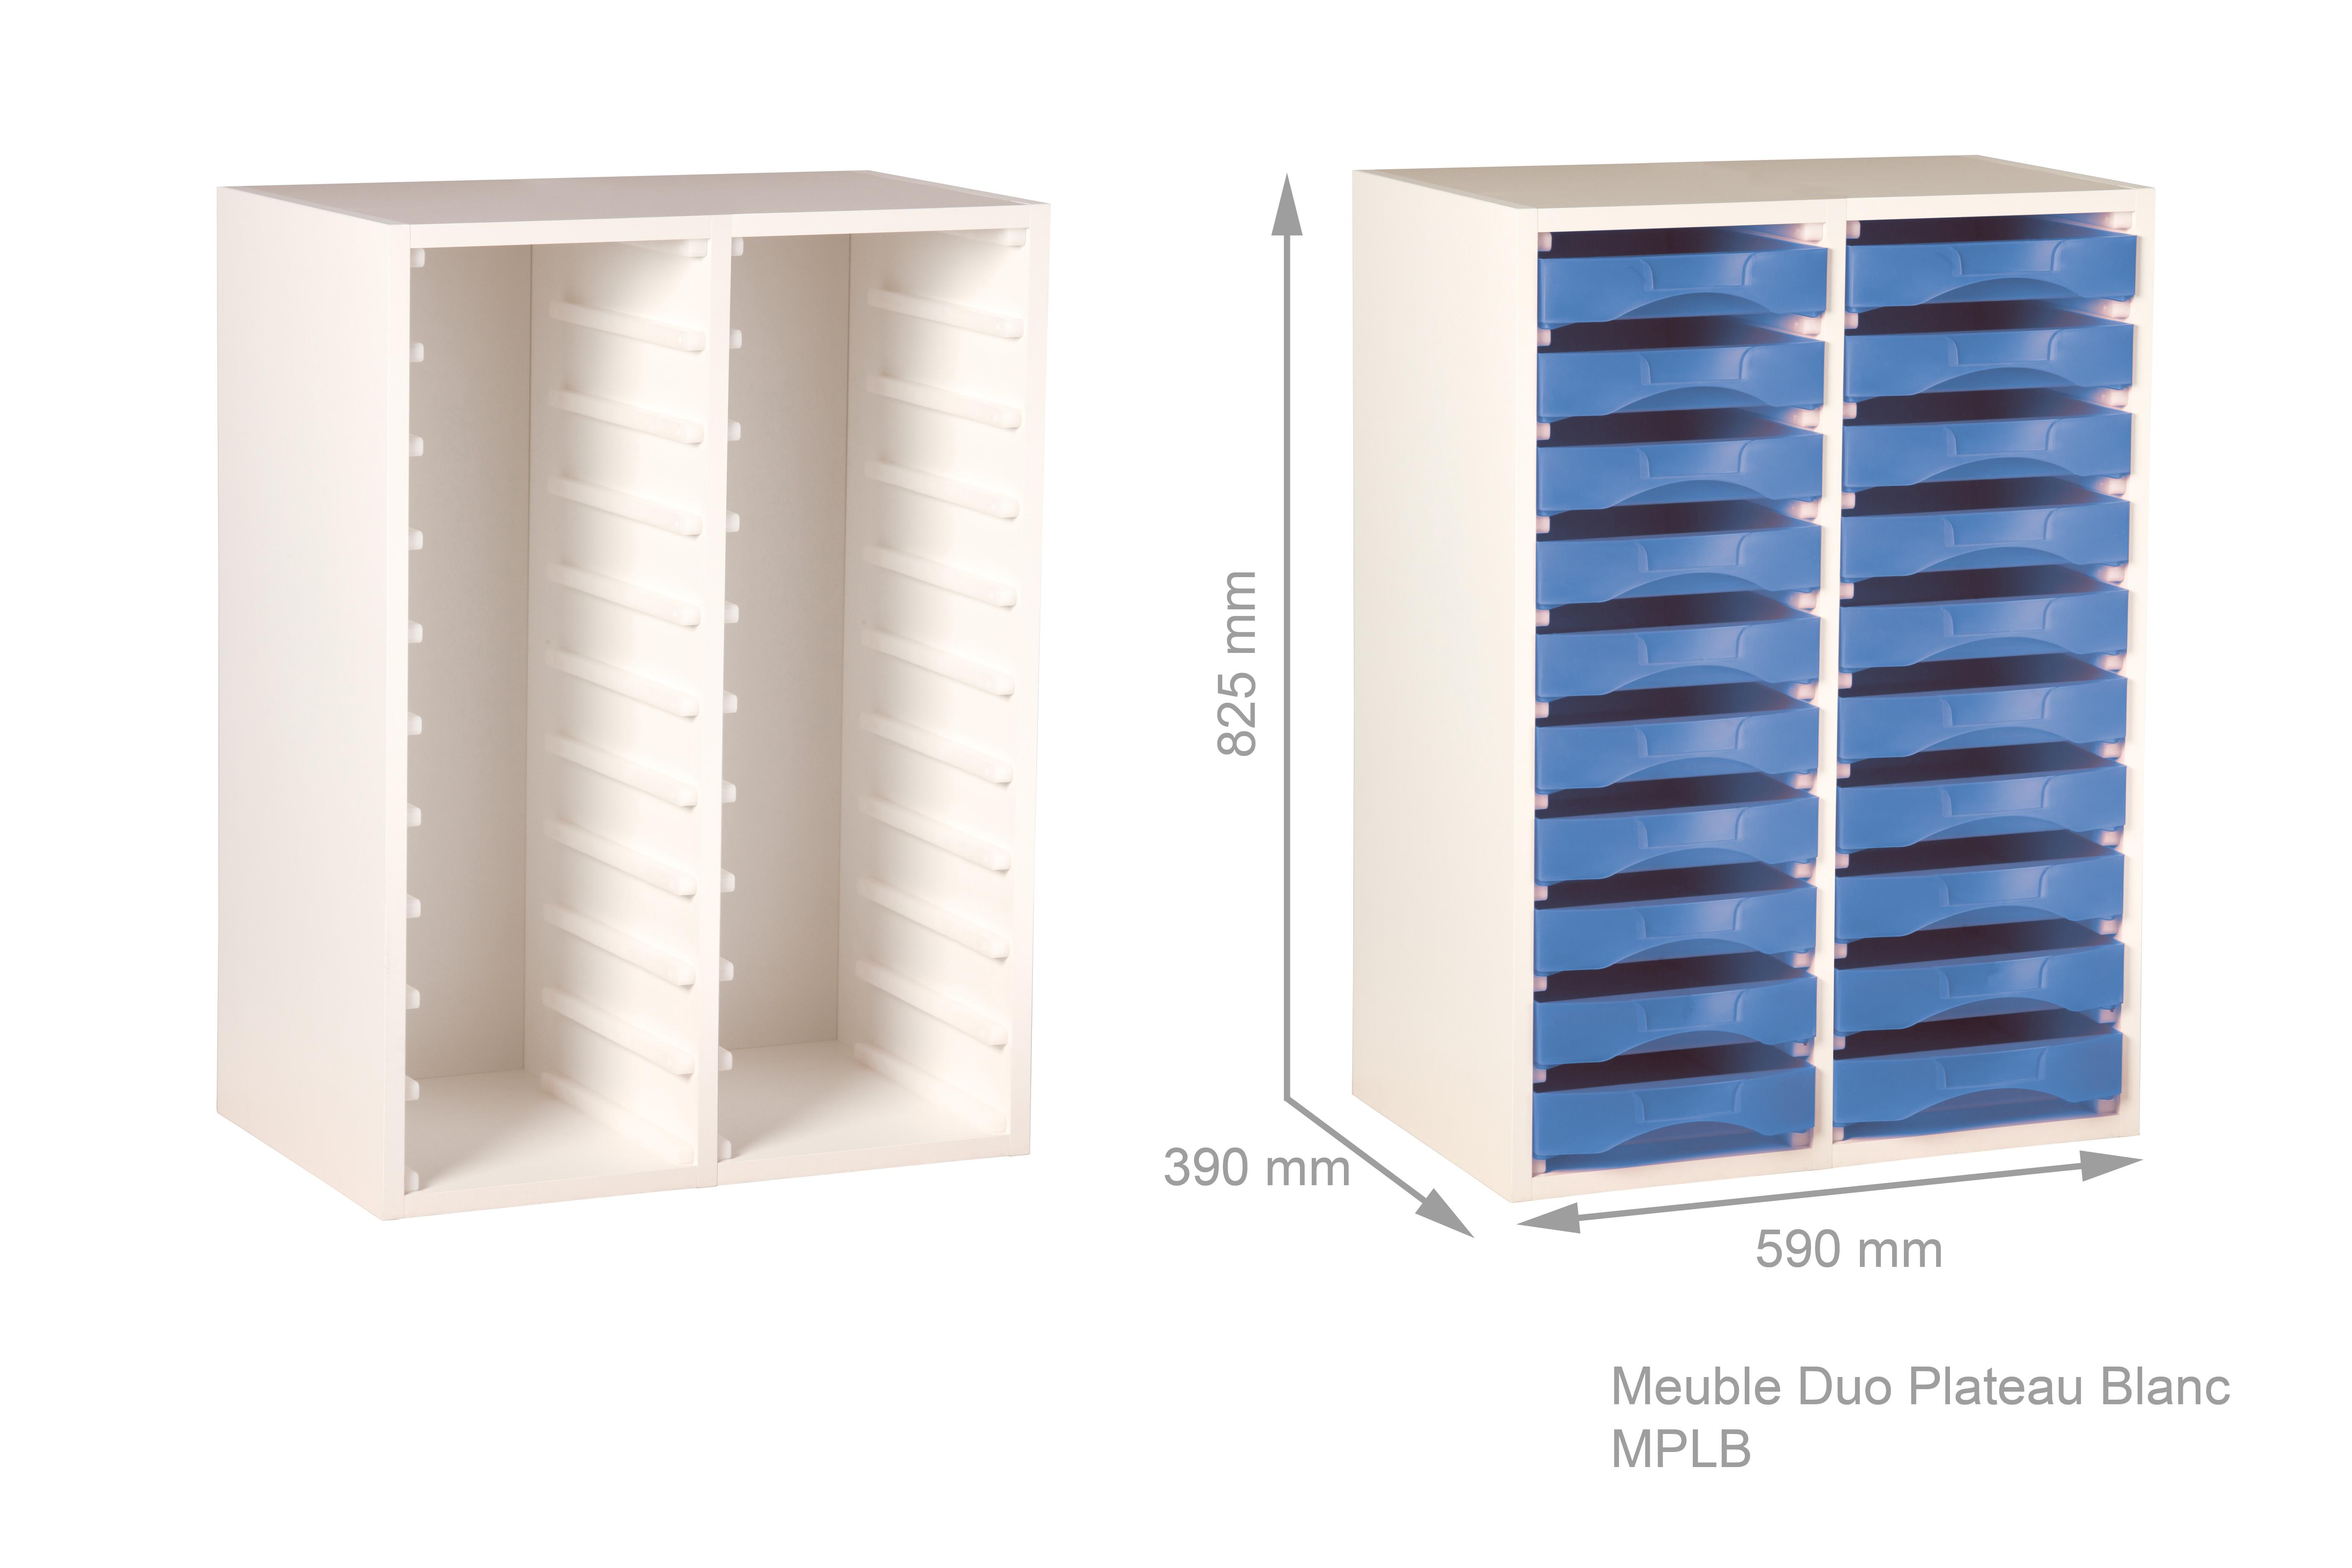 meuble bois blanc pour boites de rangement starbox plateau ref mplb. Black Bedroom Furniture Sets. Home Design Ideas